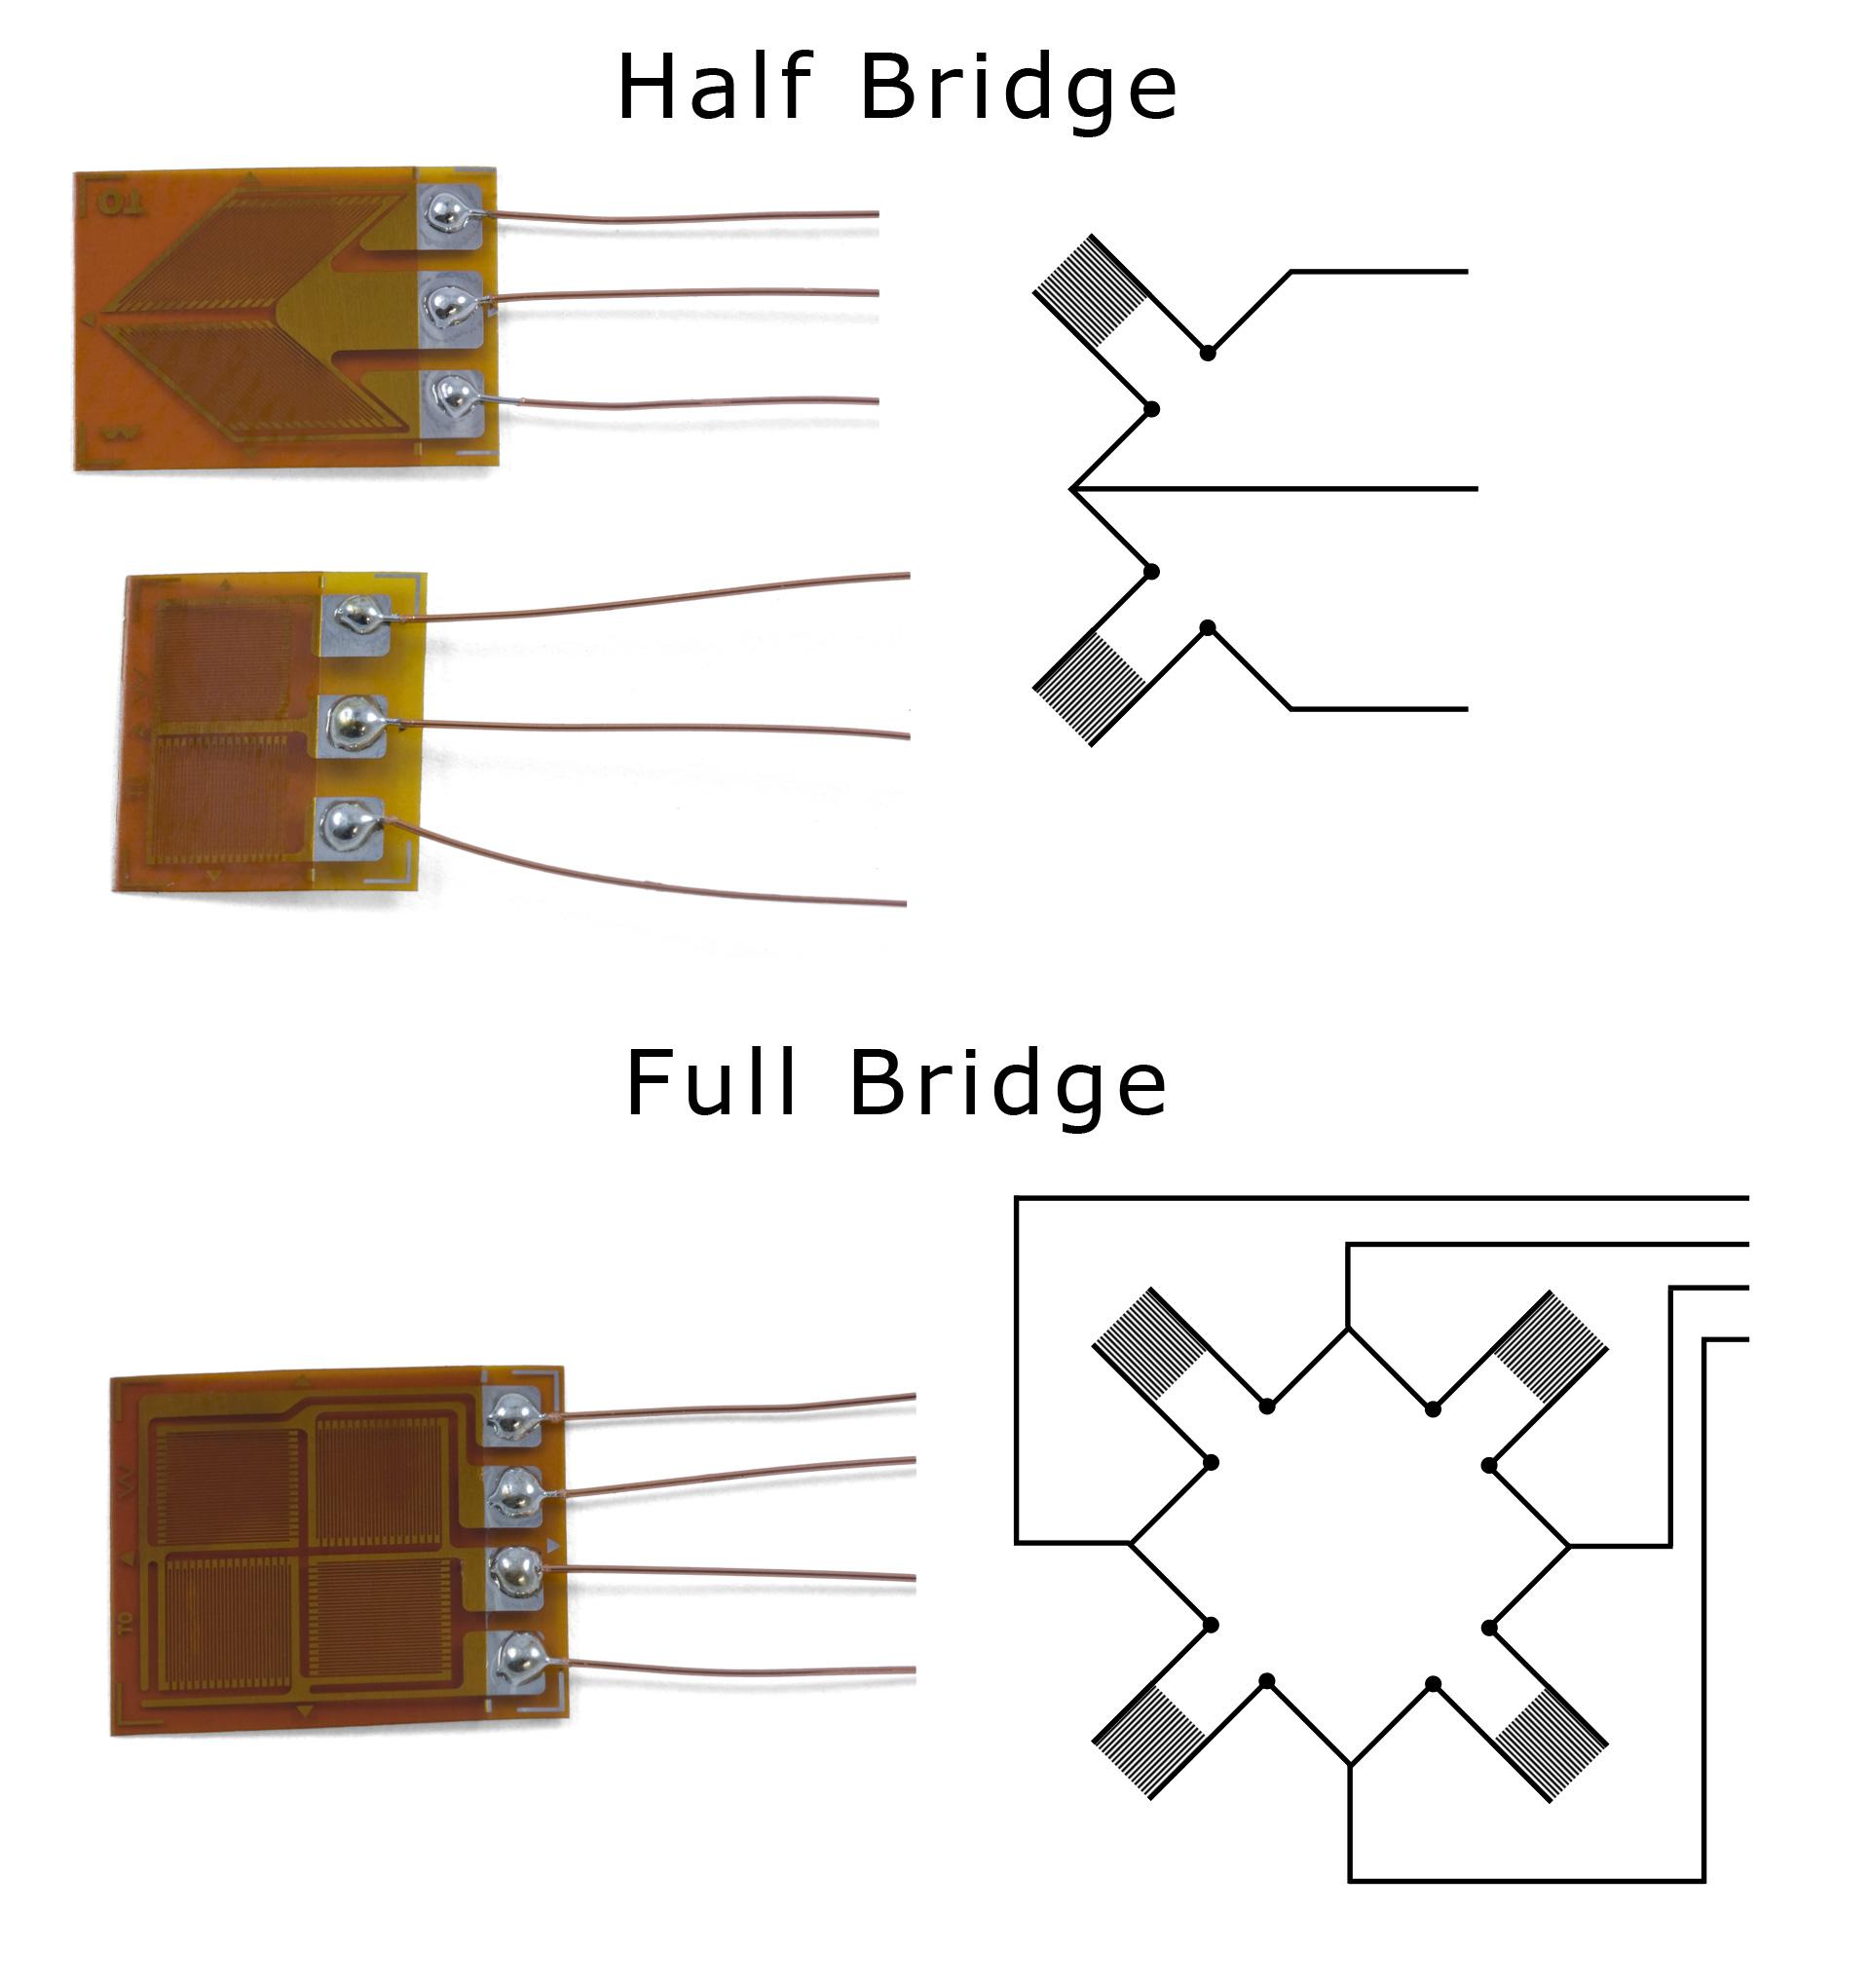 Strain Gauge Load Cell Circuit Diagram | Strain Gauge Primer Phidgets Support